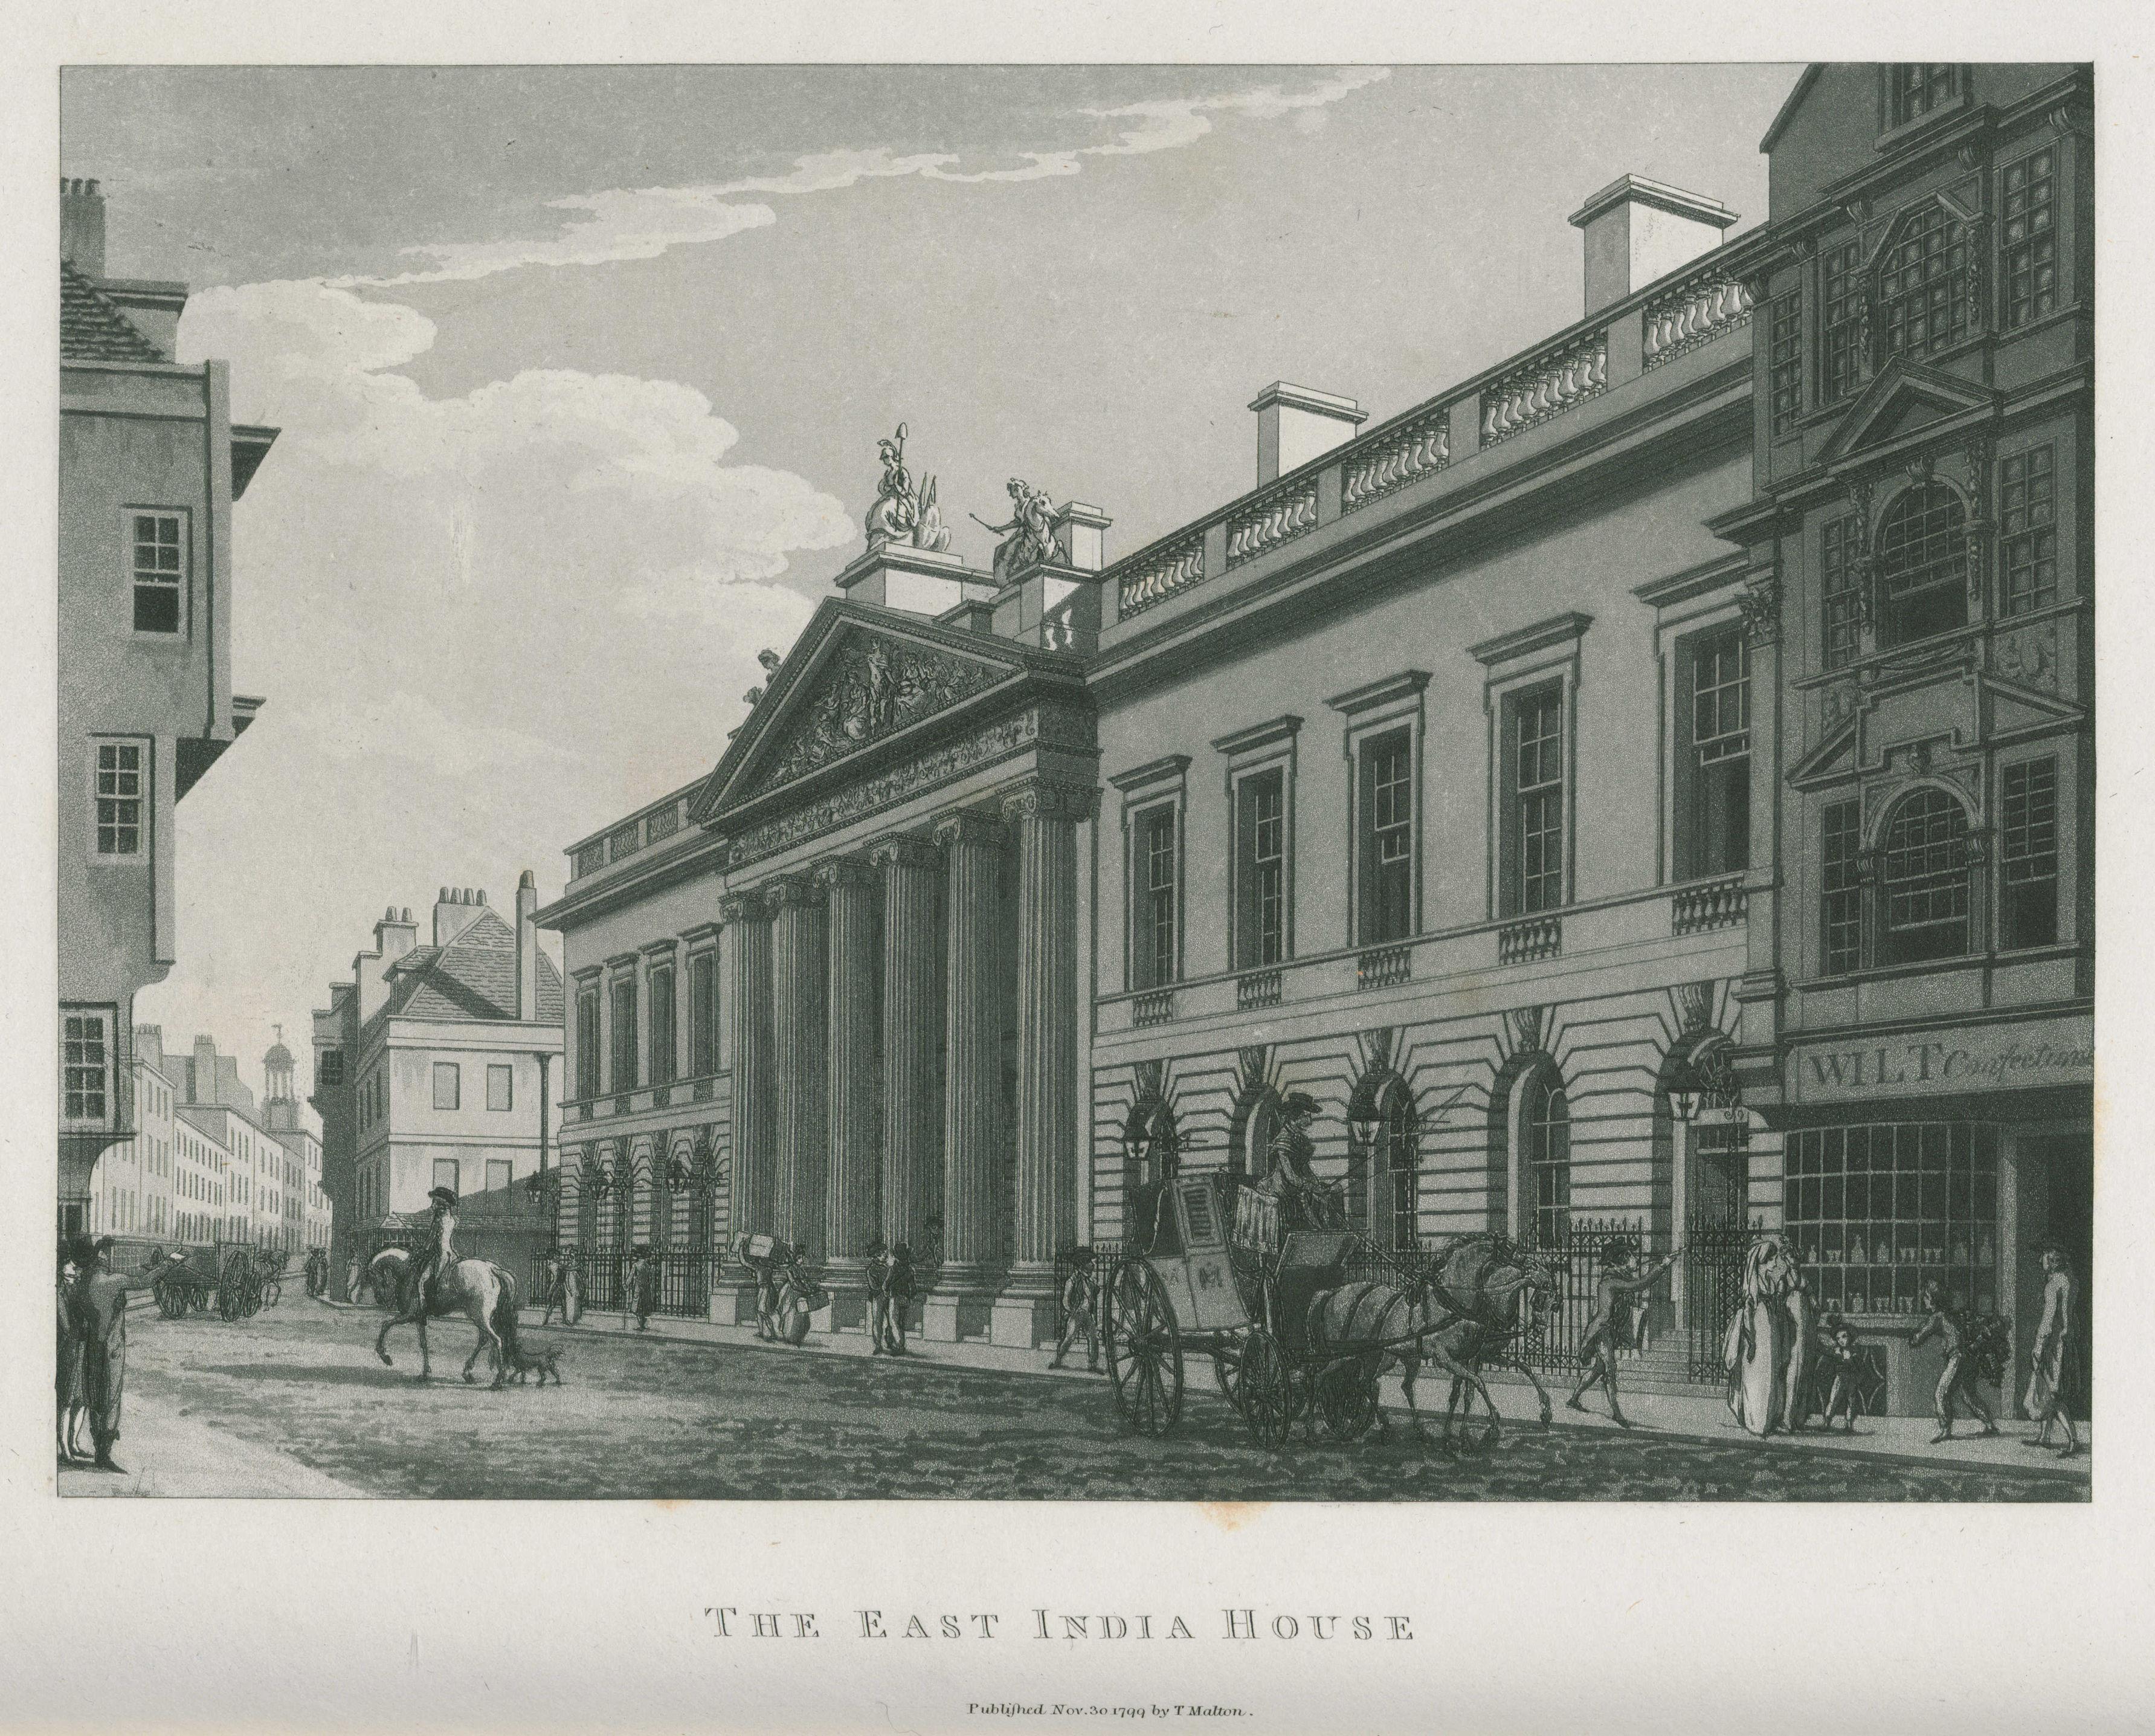 073 - Malton - The East India House